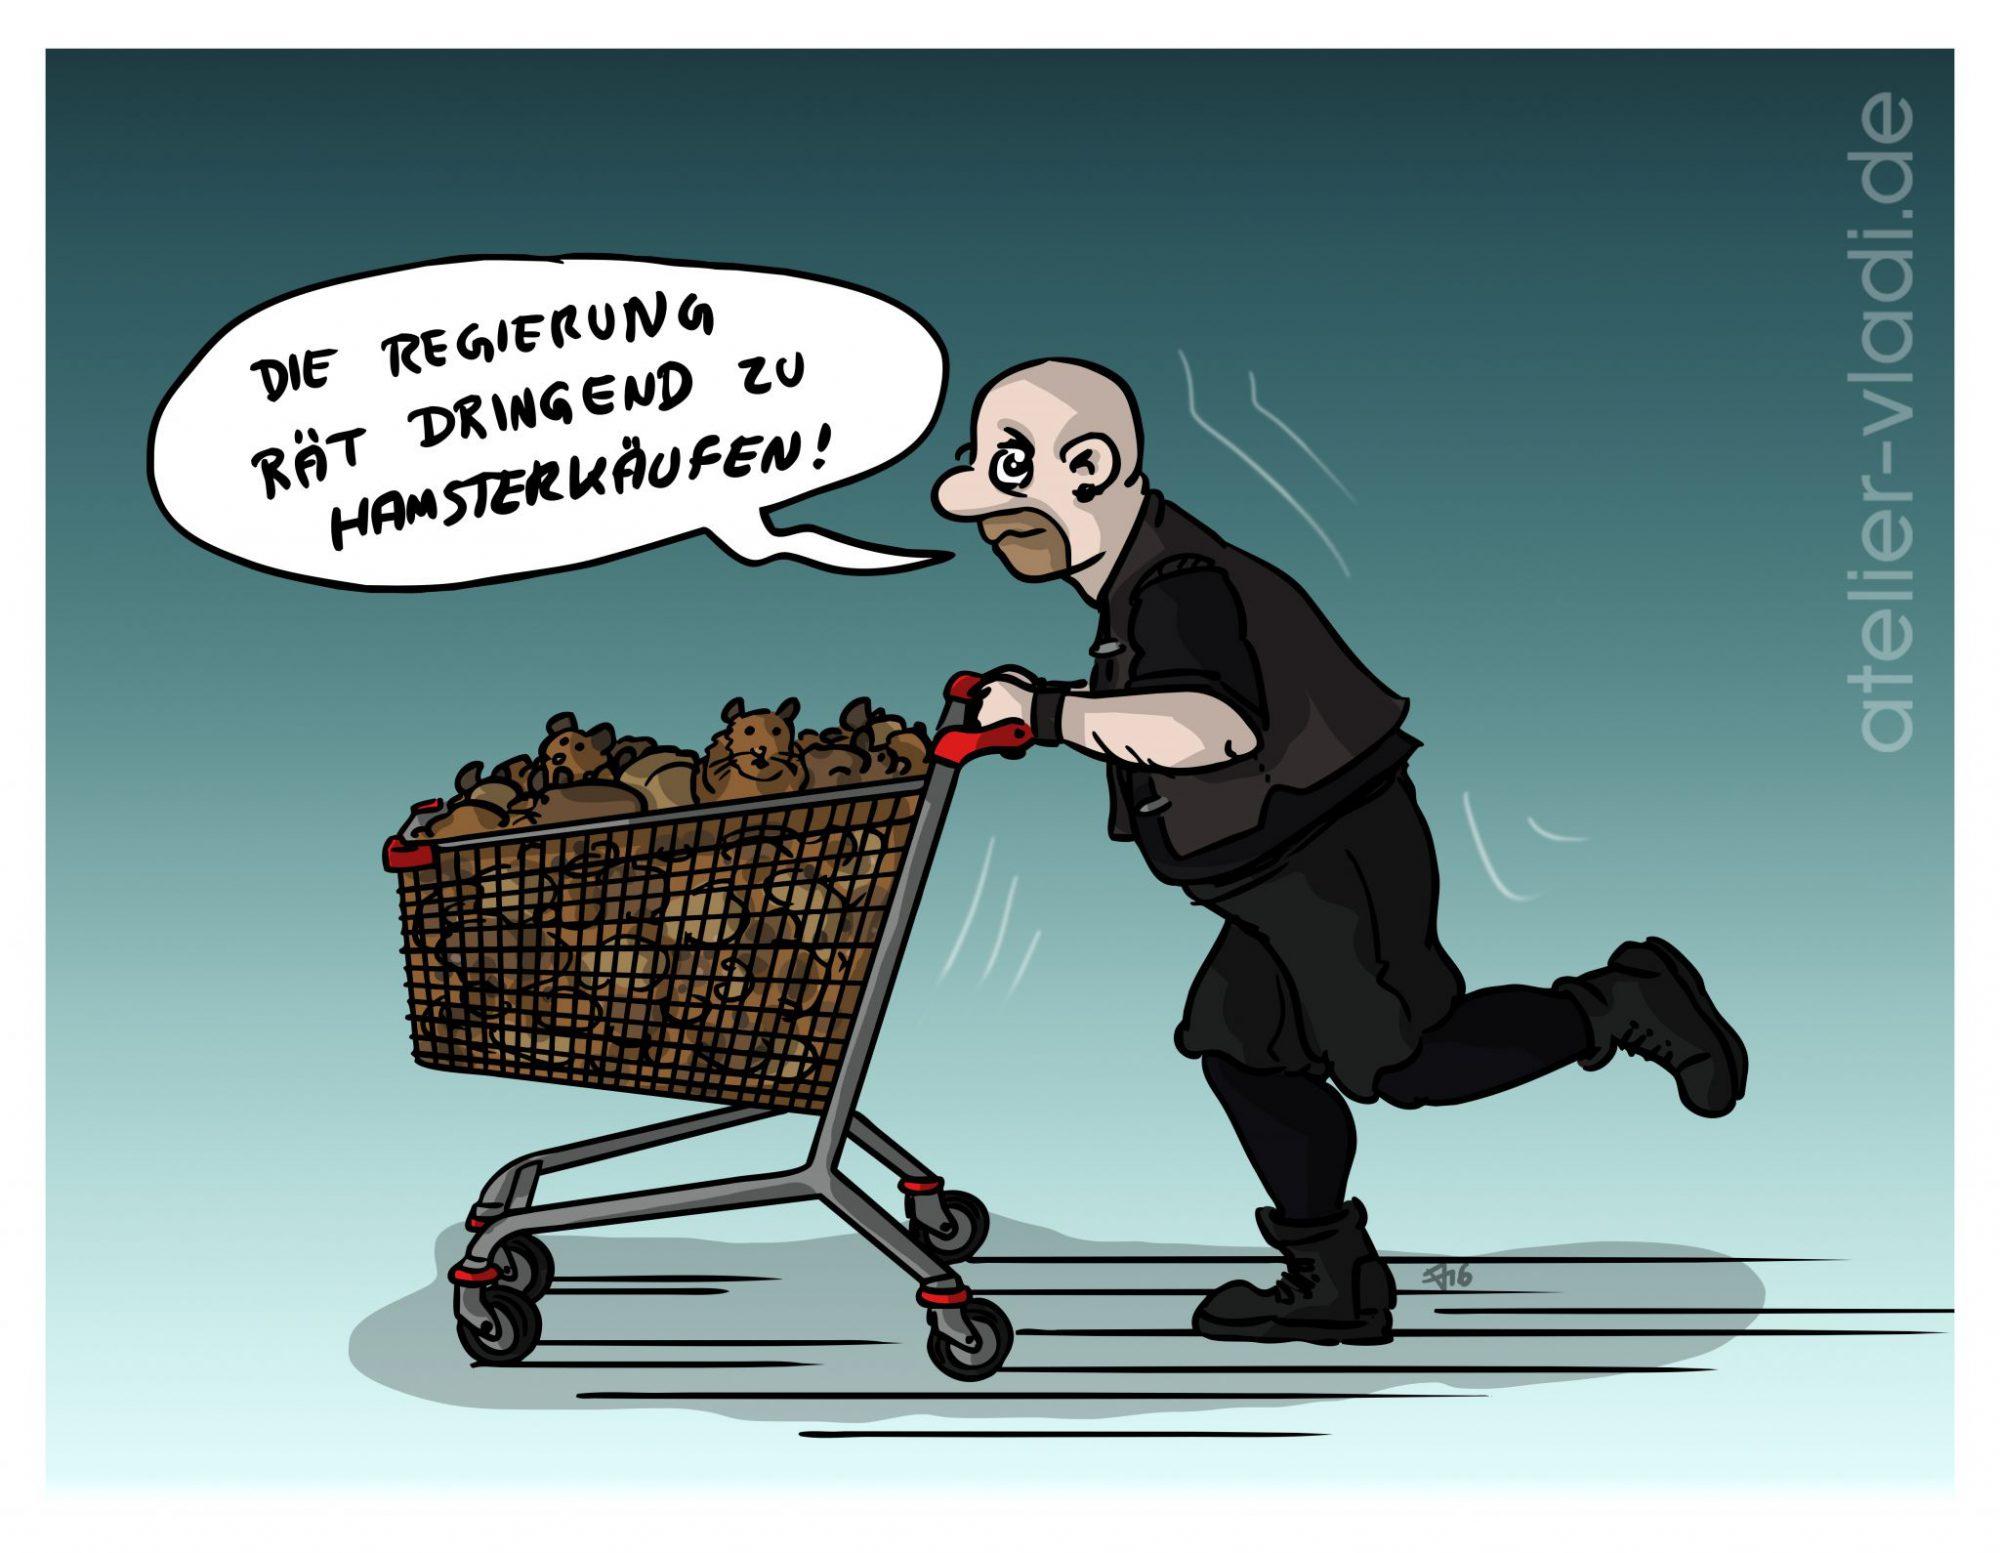 Cartoon Politisch politische Cartoons Karikaturen Hamster Hamsterkäufe Panikmache Cartoon